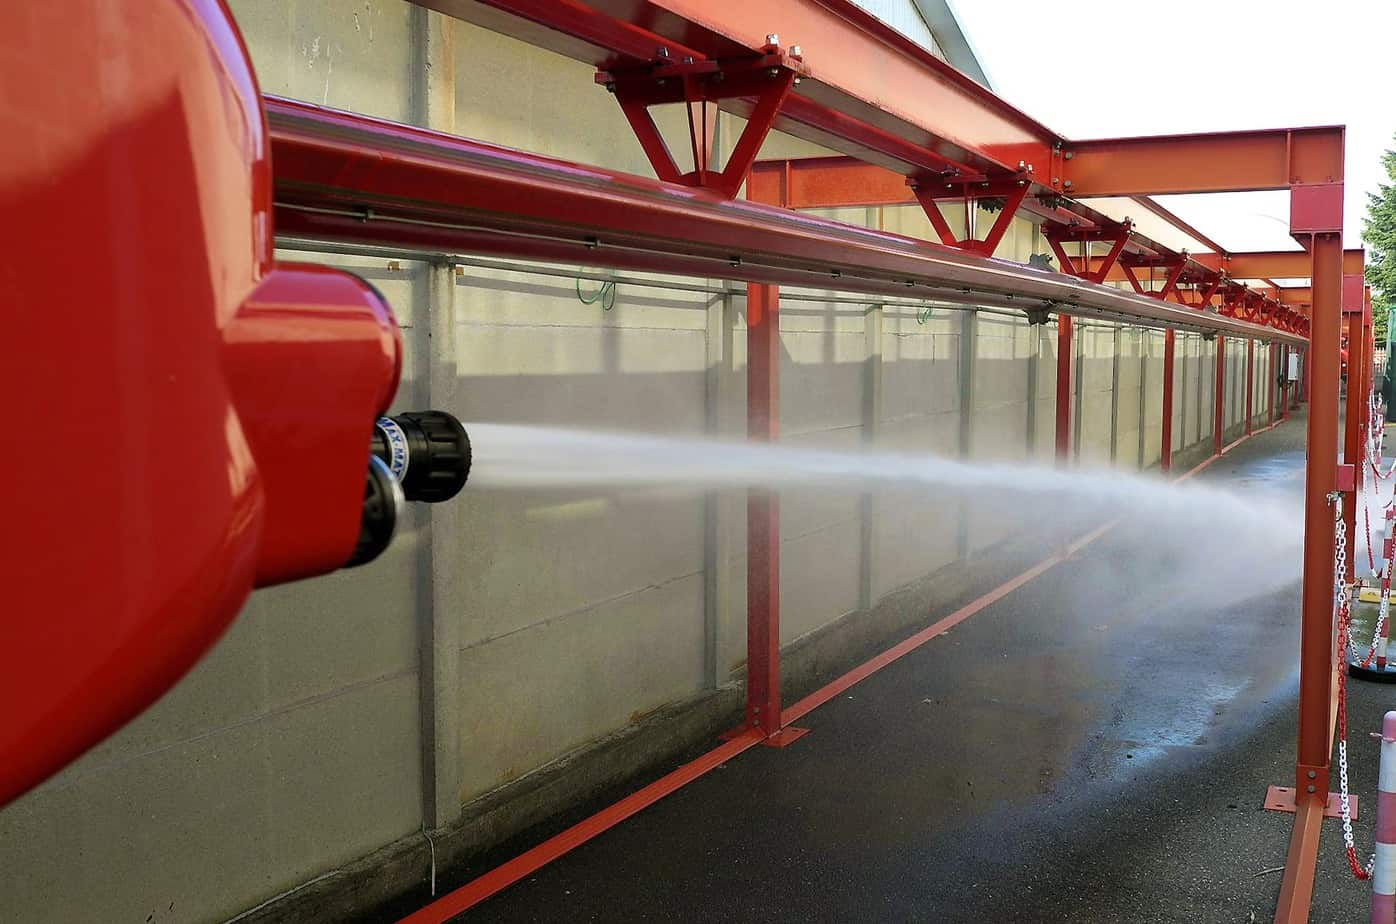 La potenza di spegnimento del getto idroschiuma